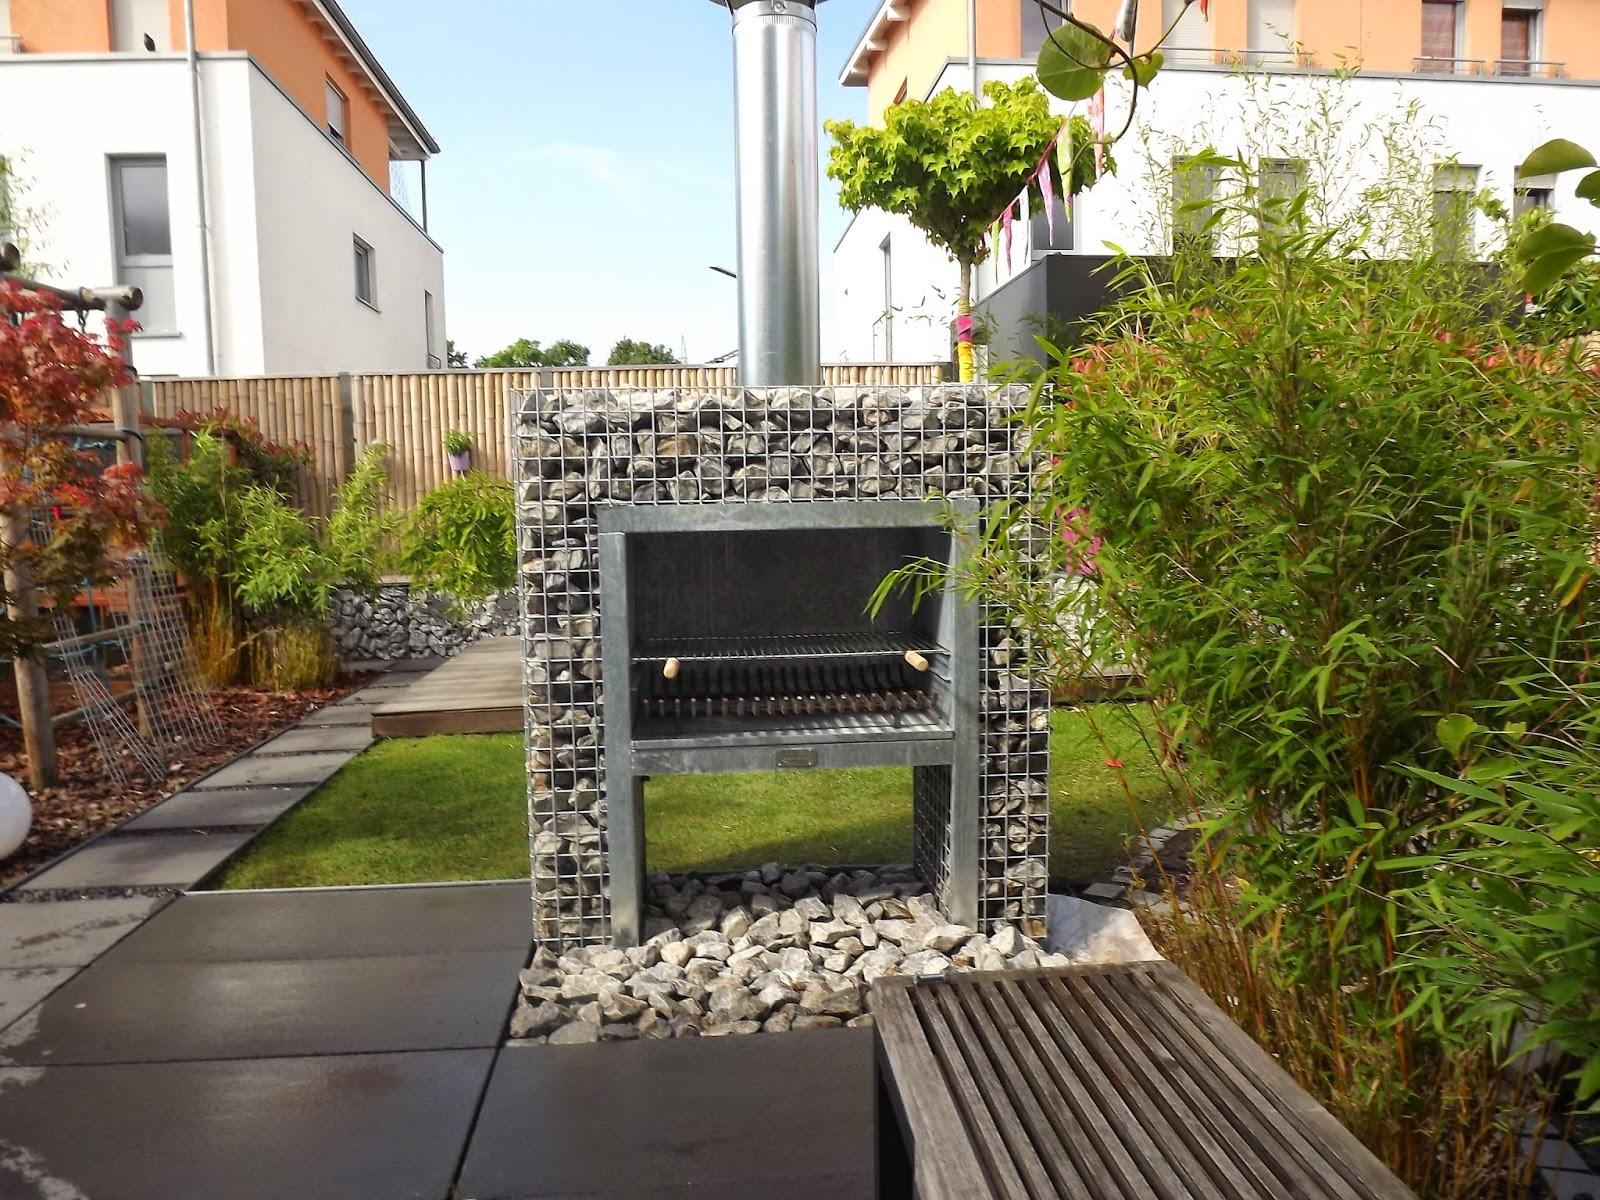 kunstrasen heute higthek auf h chstem niveau steinkorb kamin grill. Black Bedroom Furniture Sets. Home Design Ideas